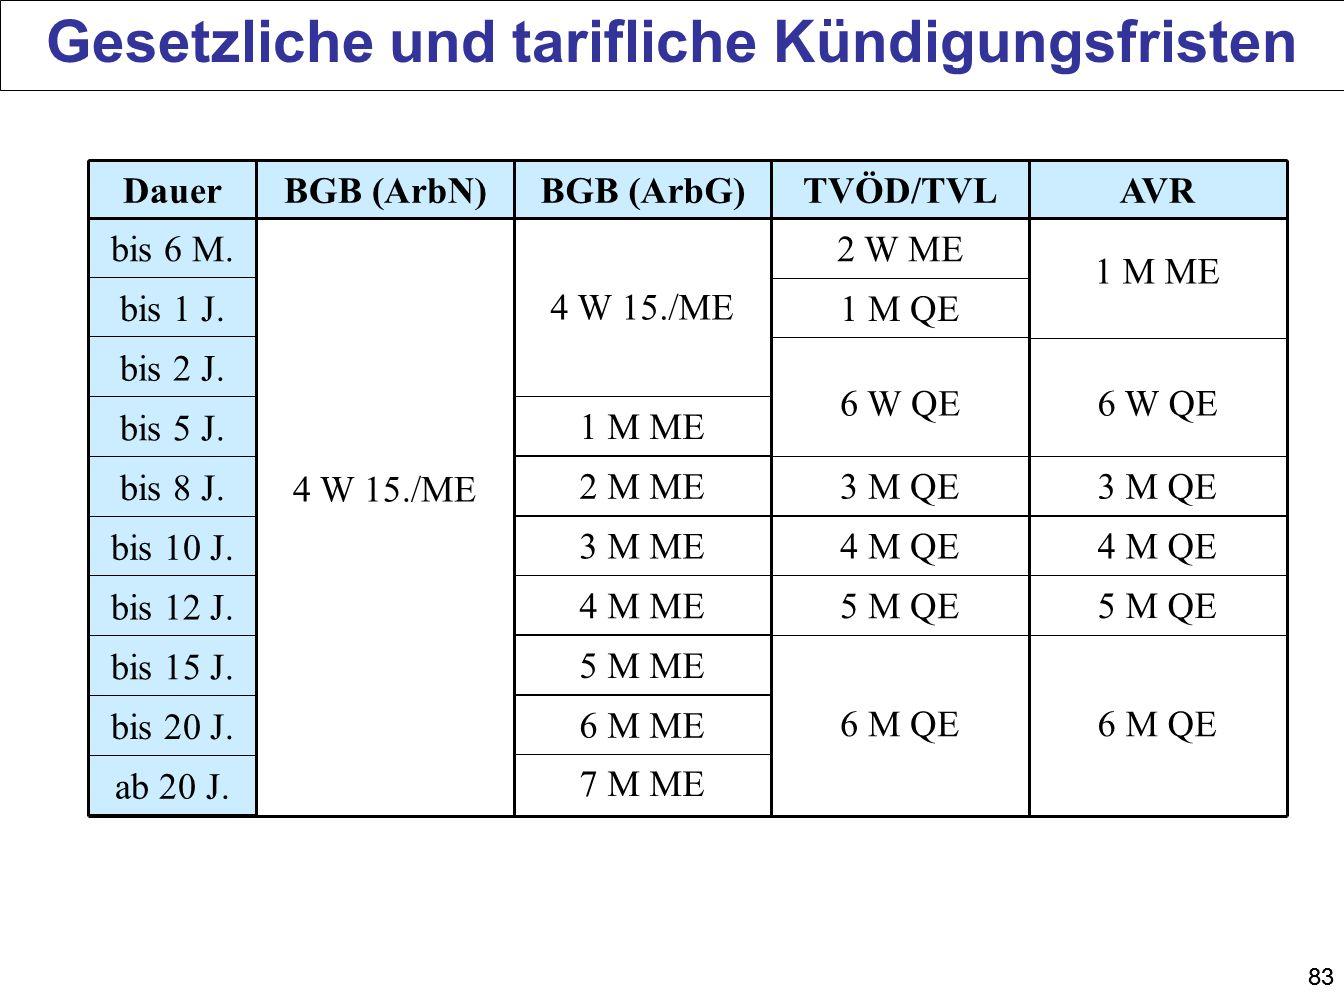 83 BGB (ArbN)BGB (ArbG)TVÖD/TVLAVRDauer bis 6 M. bis 1 J. bis 2 J. bis 5 J. bis 8 J. bis 10 J. bis 12 J. bis 15 J. bis 20 J. ab 20 J. 4 W 15./ME 1 M M